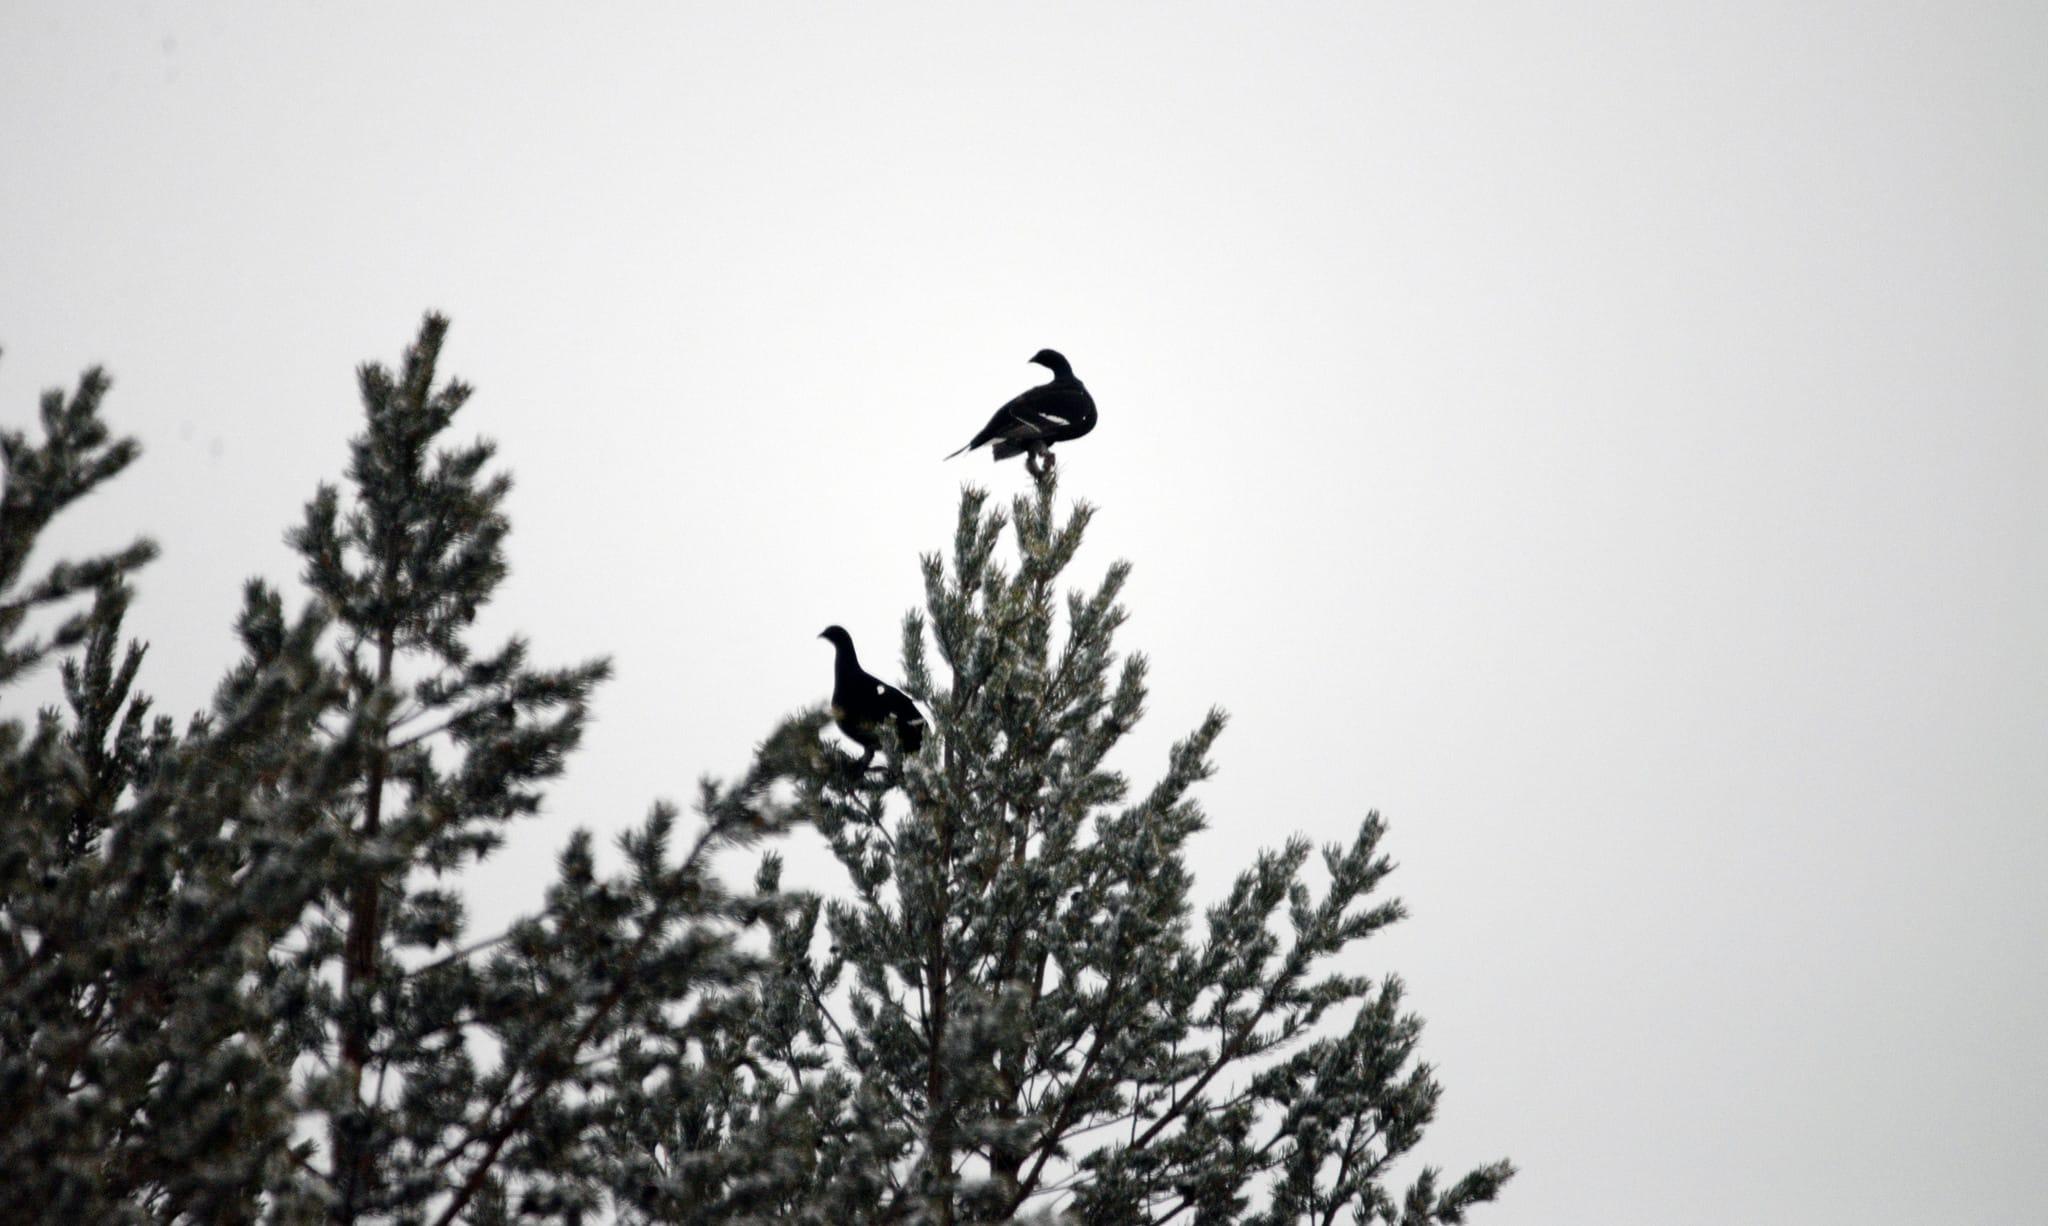 Det typiska toppfågelskottet riktas i en flack vinkel uppåt. Om kulan bommar fågeln kommer den troligen att slå ner i en ganska brant vinkel någon eller några kilometer bort. Jägarens ansvar är att välja en skjutplats där kulan kan skickas i säkrast möjliga riktning.